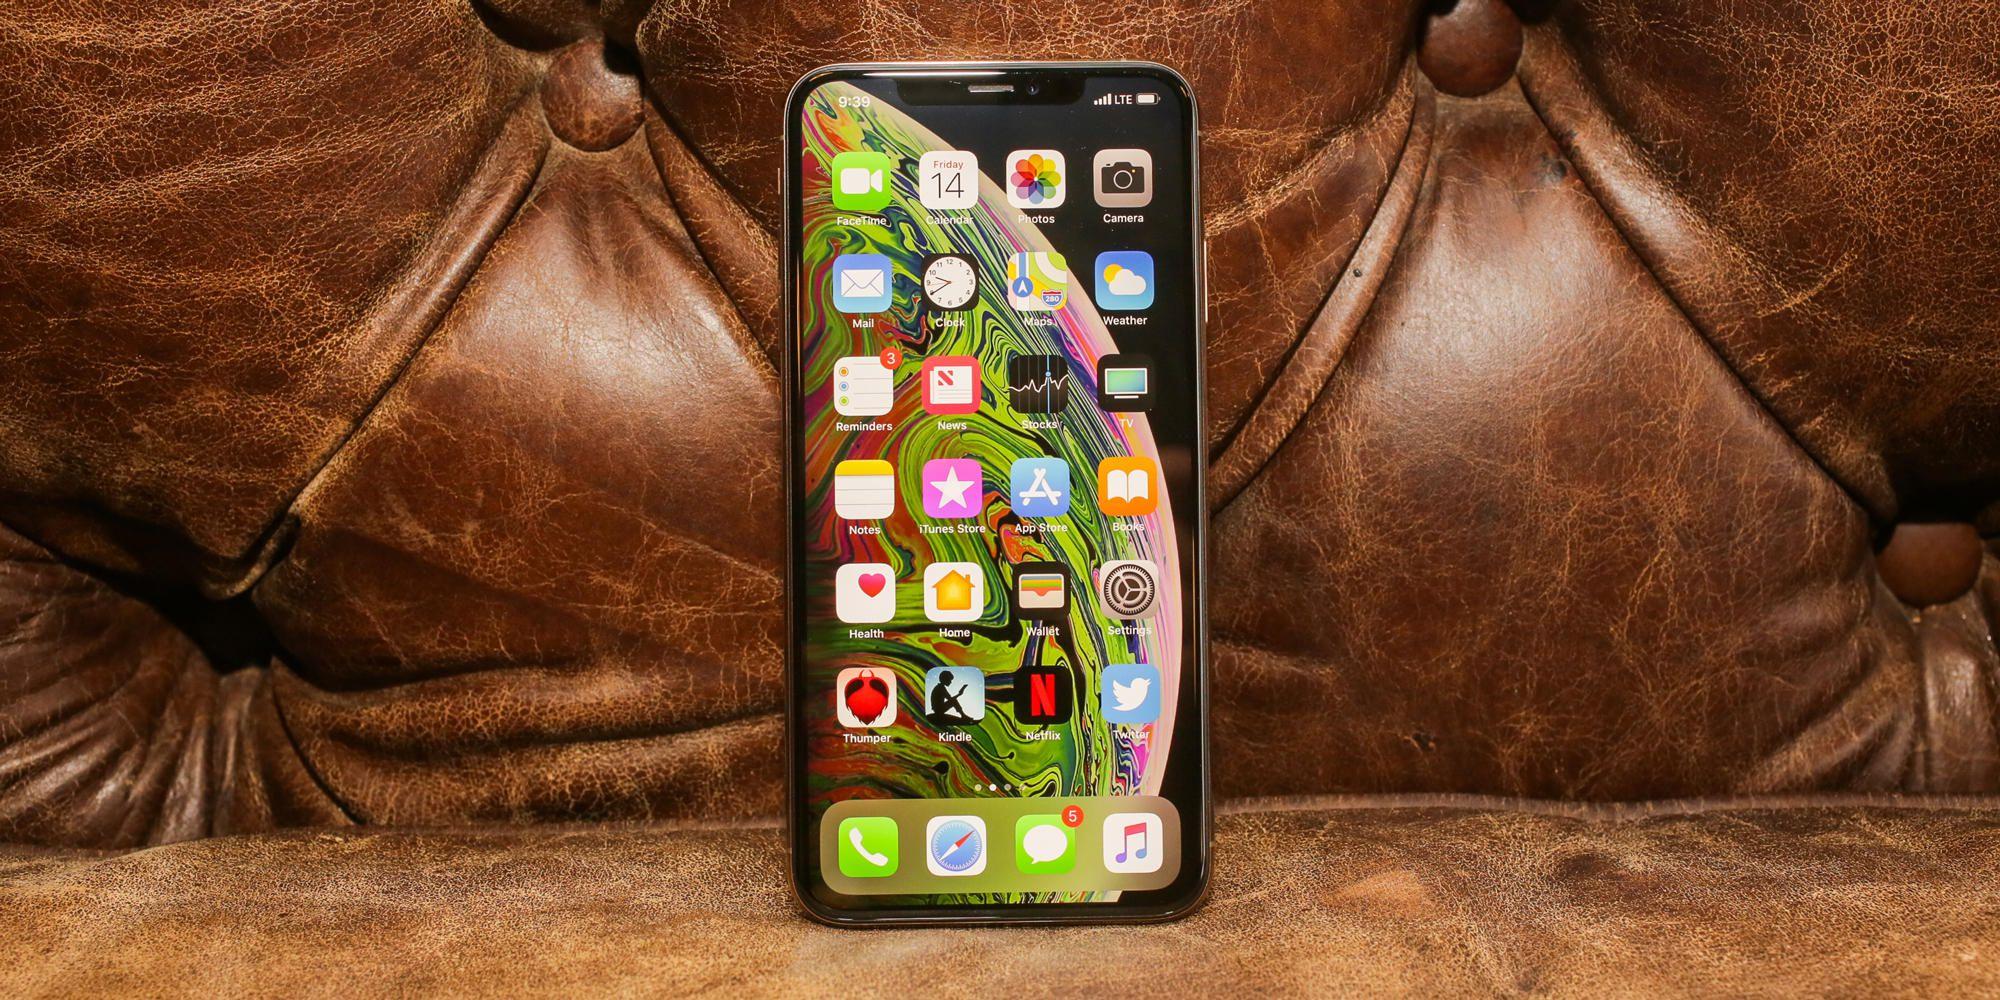 10 Best Smartphones List: Top 10 Phones to Buy | Smartphones